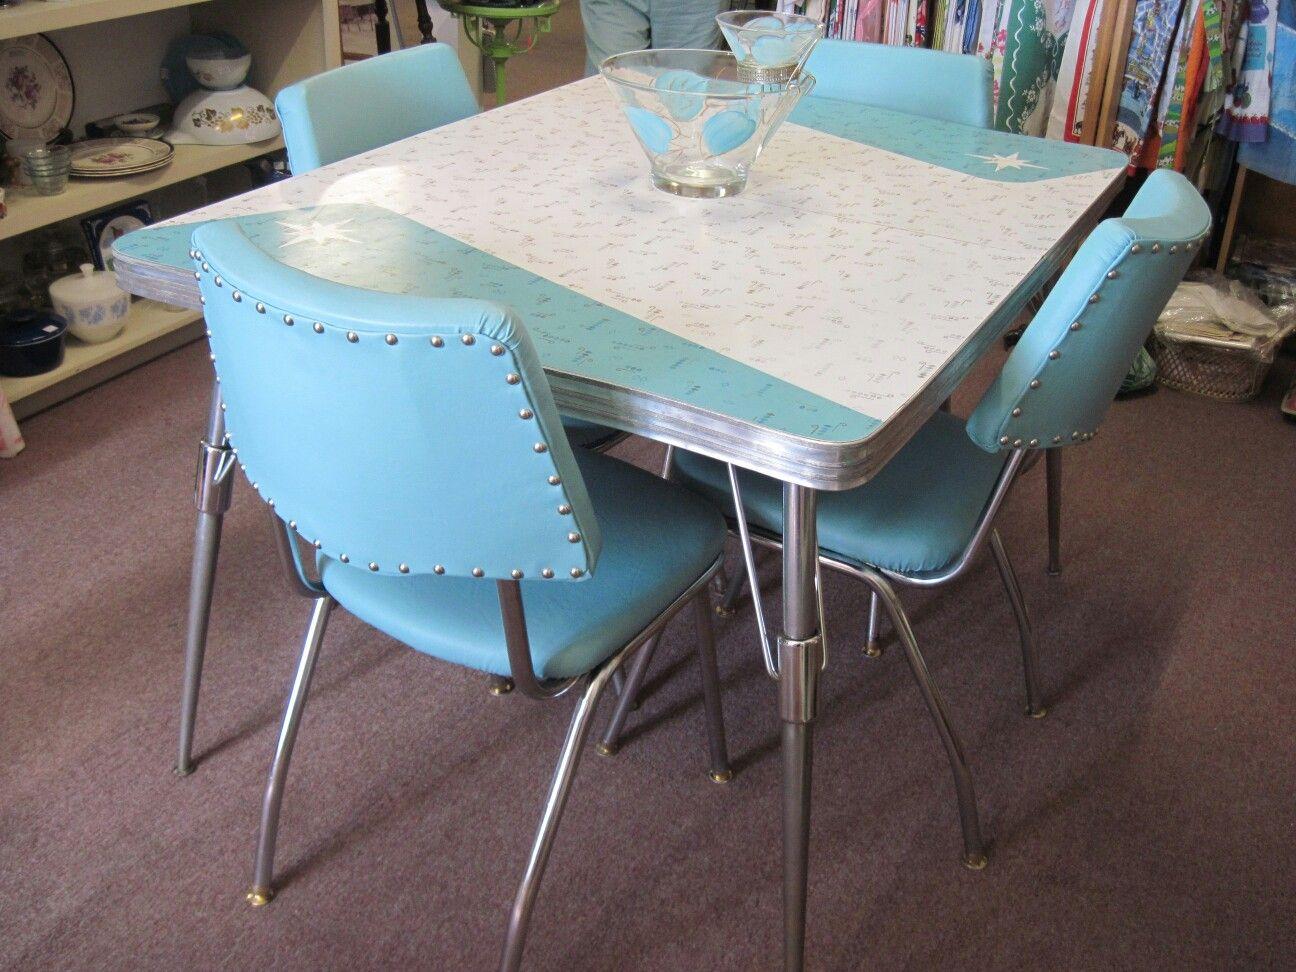 1950s atomic blue teal white starburst kitchen dining